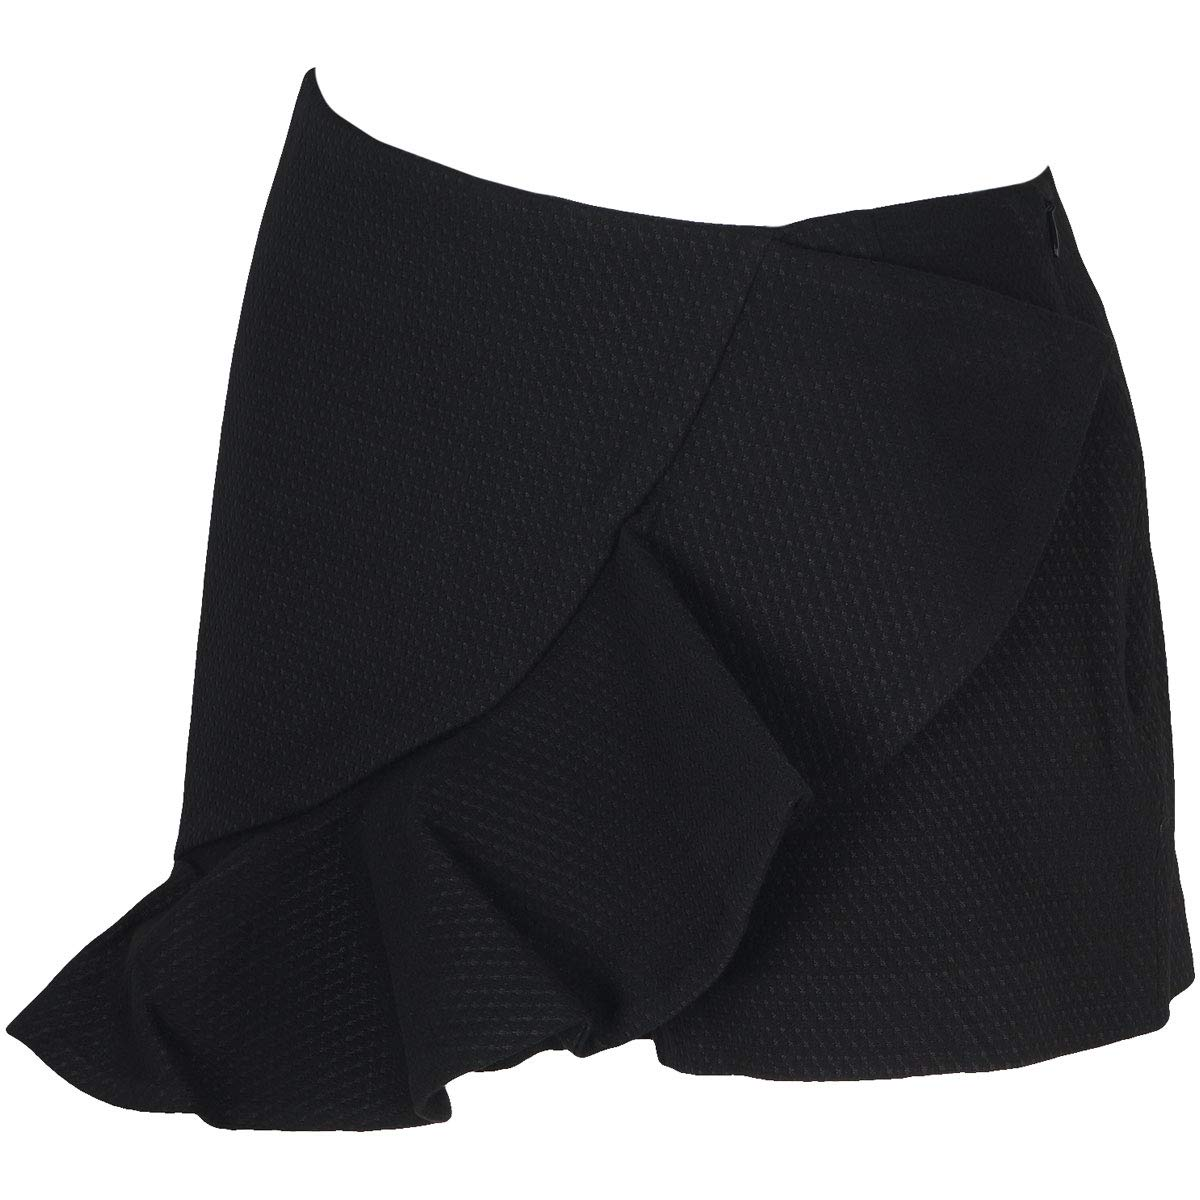 セントアンドリュース St ANDREWS スカート BlackLabel ブリスタキュロットスカート レディス B07JMNXR5X  ブラック 010 Medium